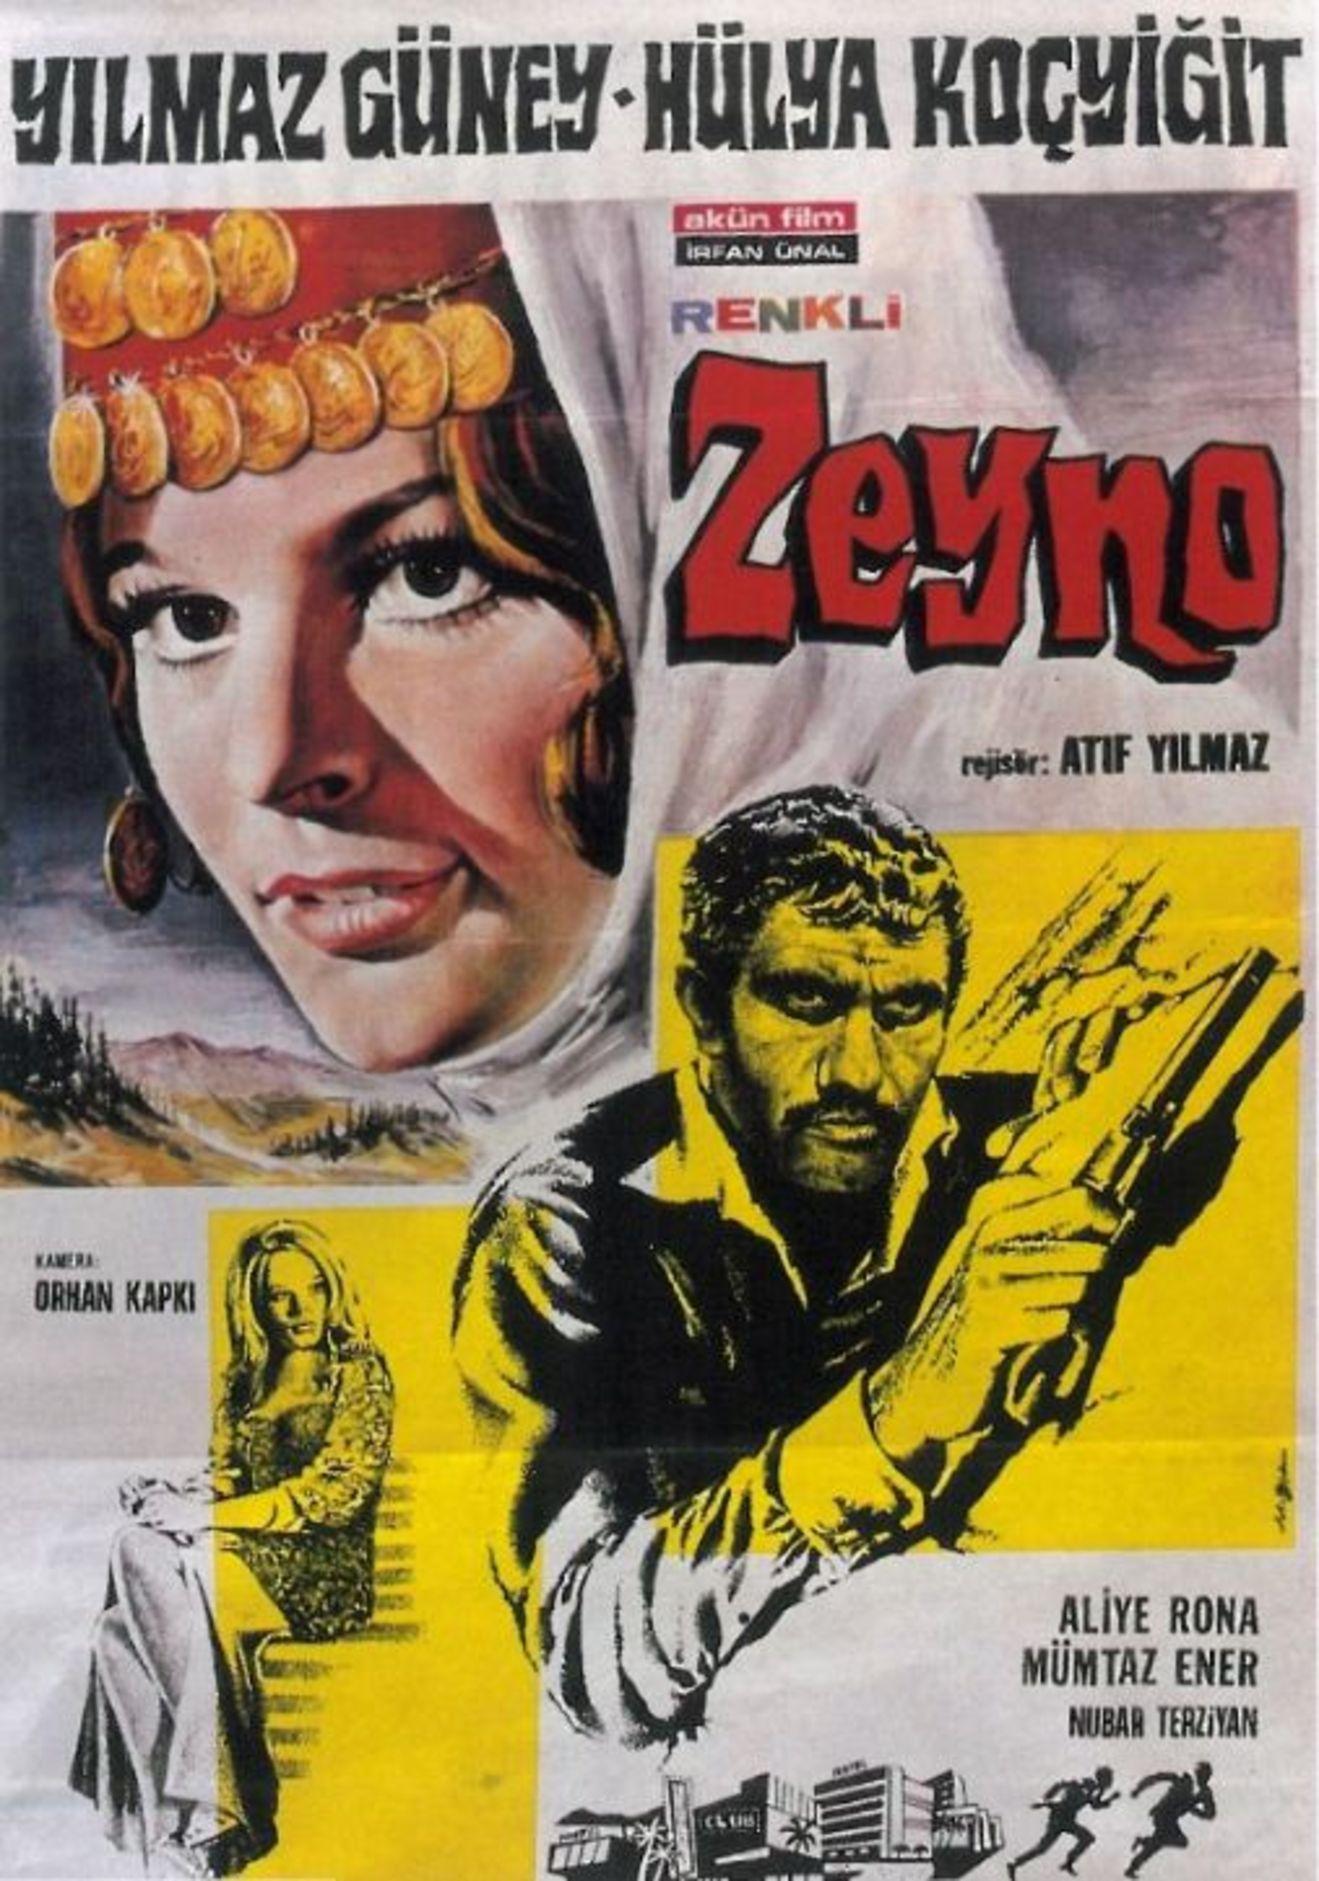 Enis Fosforoğlu, 1970 yapımı 'Zeyno'da 'Davut' karakterini canlandırdı.